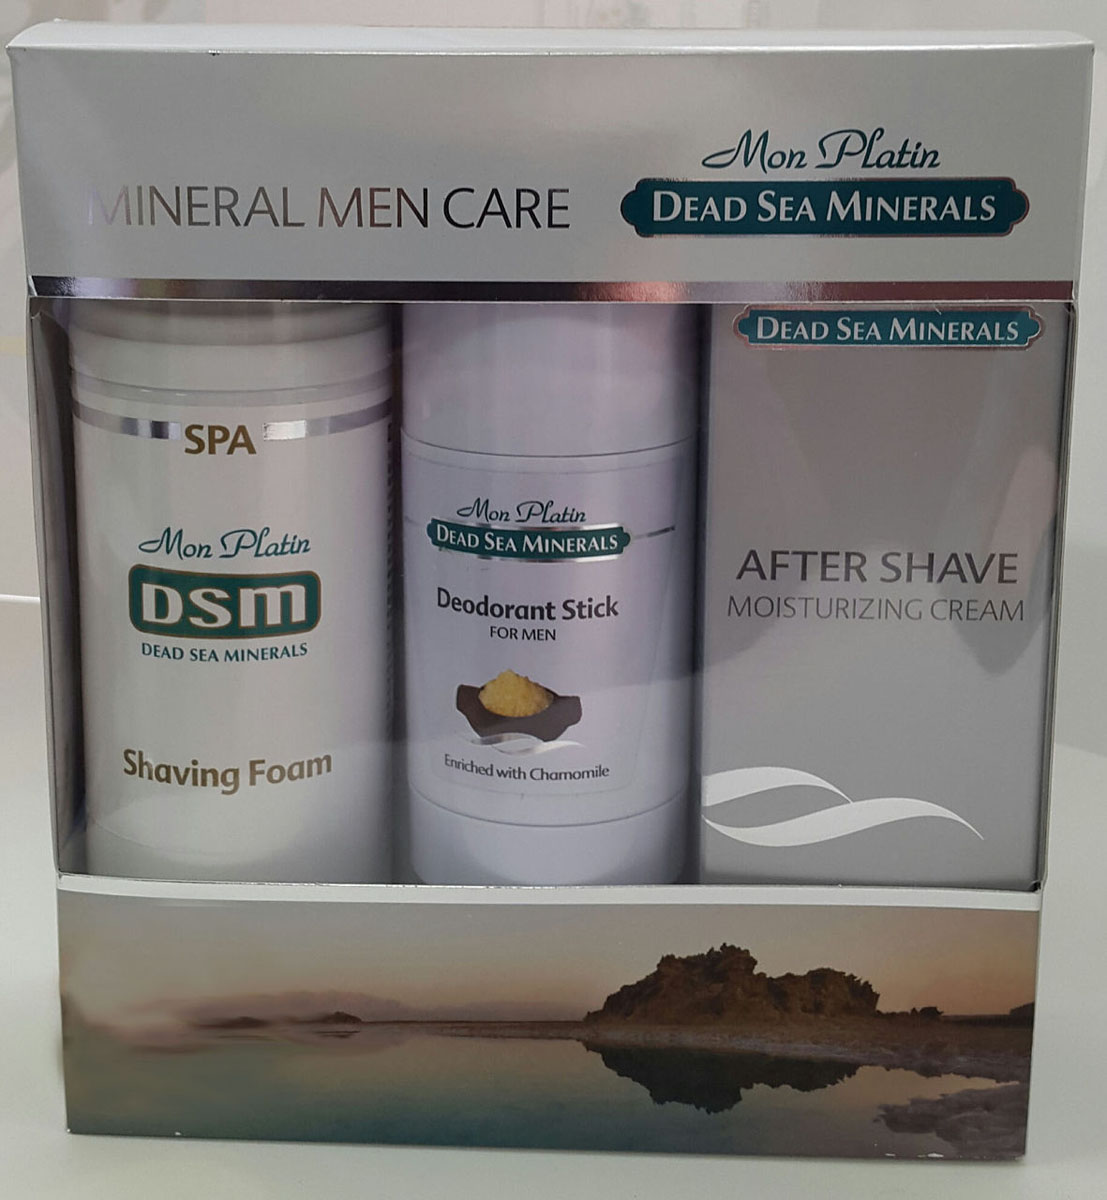 Mon Platin DSM Подарочный набор для мужчин для лица (Увлажняющая эмульсия после бритья 150 мл, Пена для бритья 250 мл, Дезодорант для мужчин 80 мл )101477-258Подарочный набор для мужчин Mon Platin серии Dead Sea Minerals, включает в себя пену для бритья 250 мл, увлажняющую эмульсию после бритья 150 мл и дезодорант для мужчин 80 мл.Пена для бритья обеспечивает легкий и качественный процесс бритья, надолго сохраняя кожу лица гладкой и чистой. Пена не вызывает раздражения и аллергии. Пена насыщена Минералами (26 минералов) и солью Мертвого моря, что благоприятно влияет на питание и увлажнение кожи, обладает омолаживающим и регенерирующим эффектом.Увлажняющая эмульсия после бритья отличается деликатным воздействием: она смягчает, расслабляет кожу и предотвращает появление раздражения на ней. Бальзам после бритья прекрасно подходит для ежедневного применения.Дезодорант для мужчин эффективно нейтрализует неприятные запахи, не забивает поры, создает ощущение свежести в течение всего дня, не оставляет следов на одежде. Обладает приятным терпким ароматом. Содержит минералы и соль Мертвого моря, что благоприятно влияет на состояние кожи.